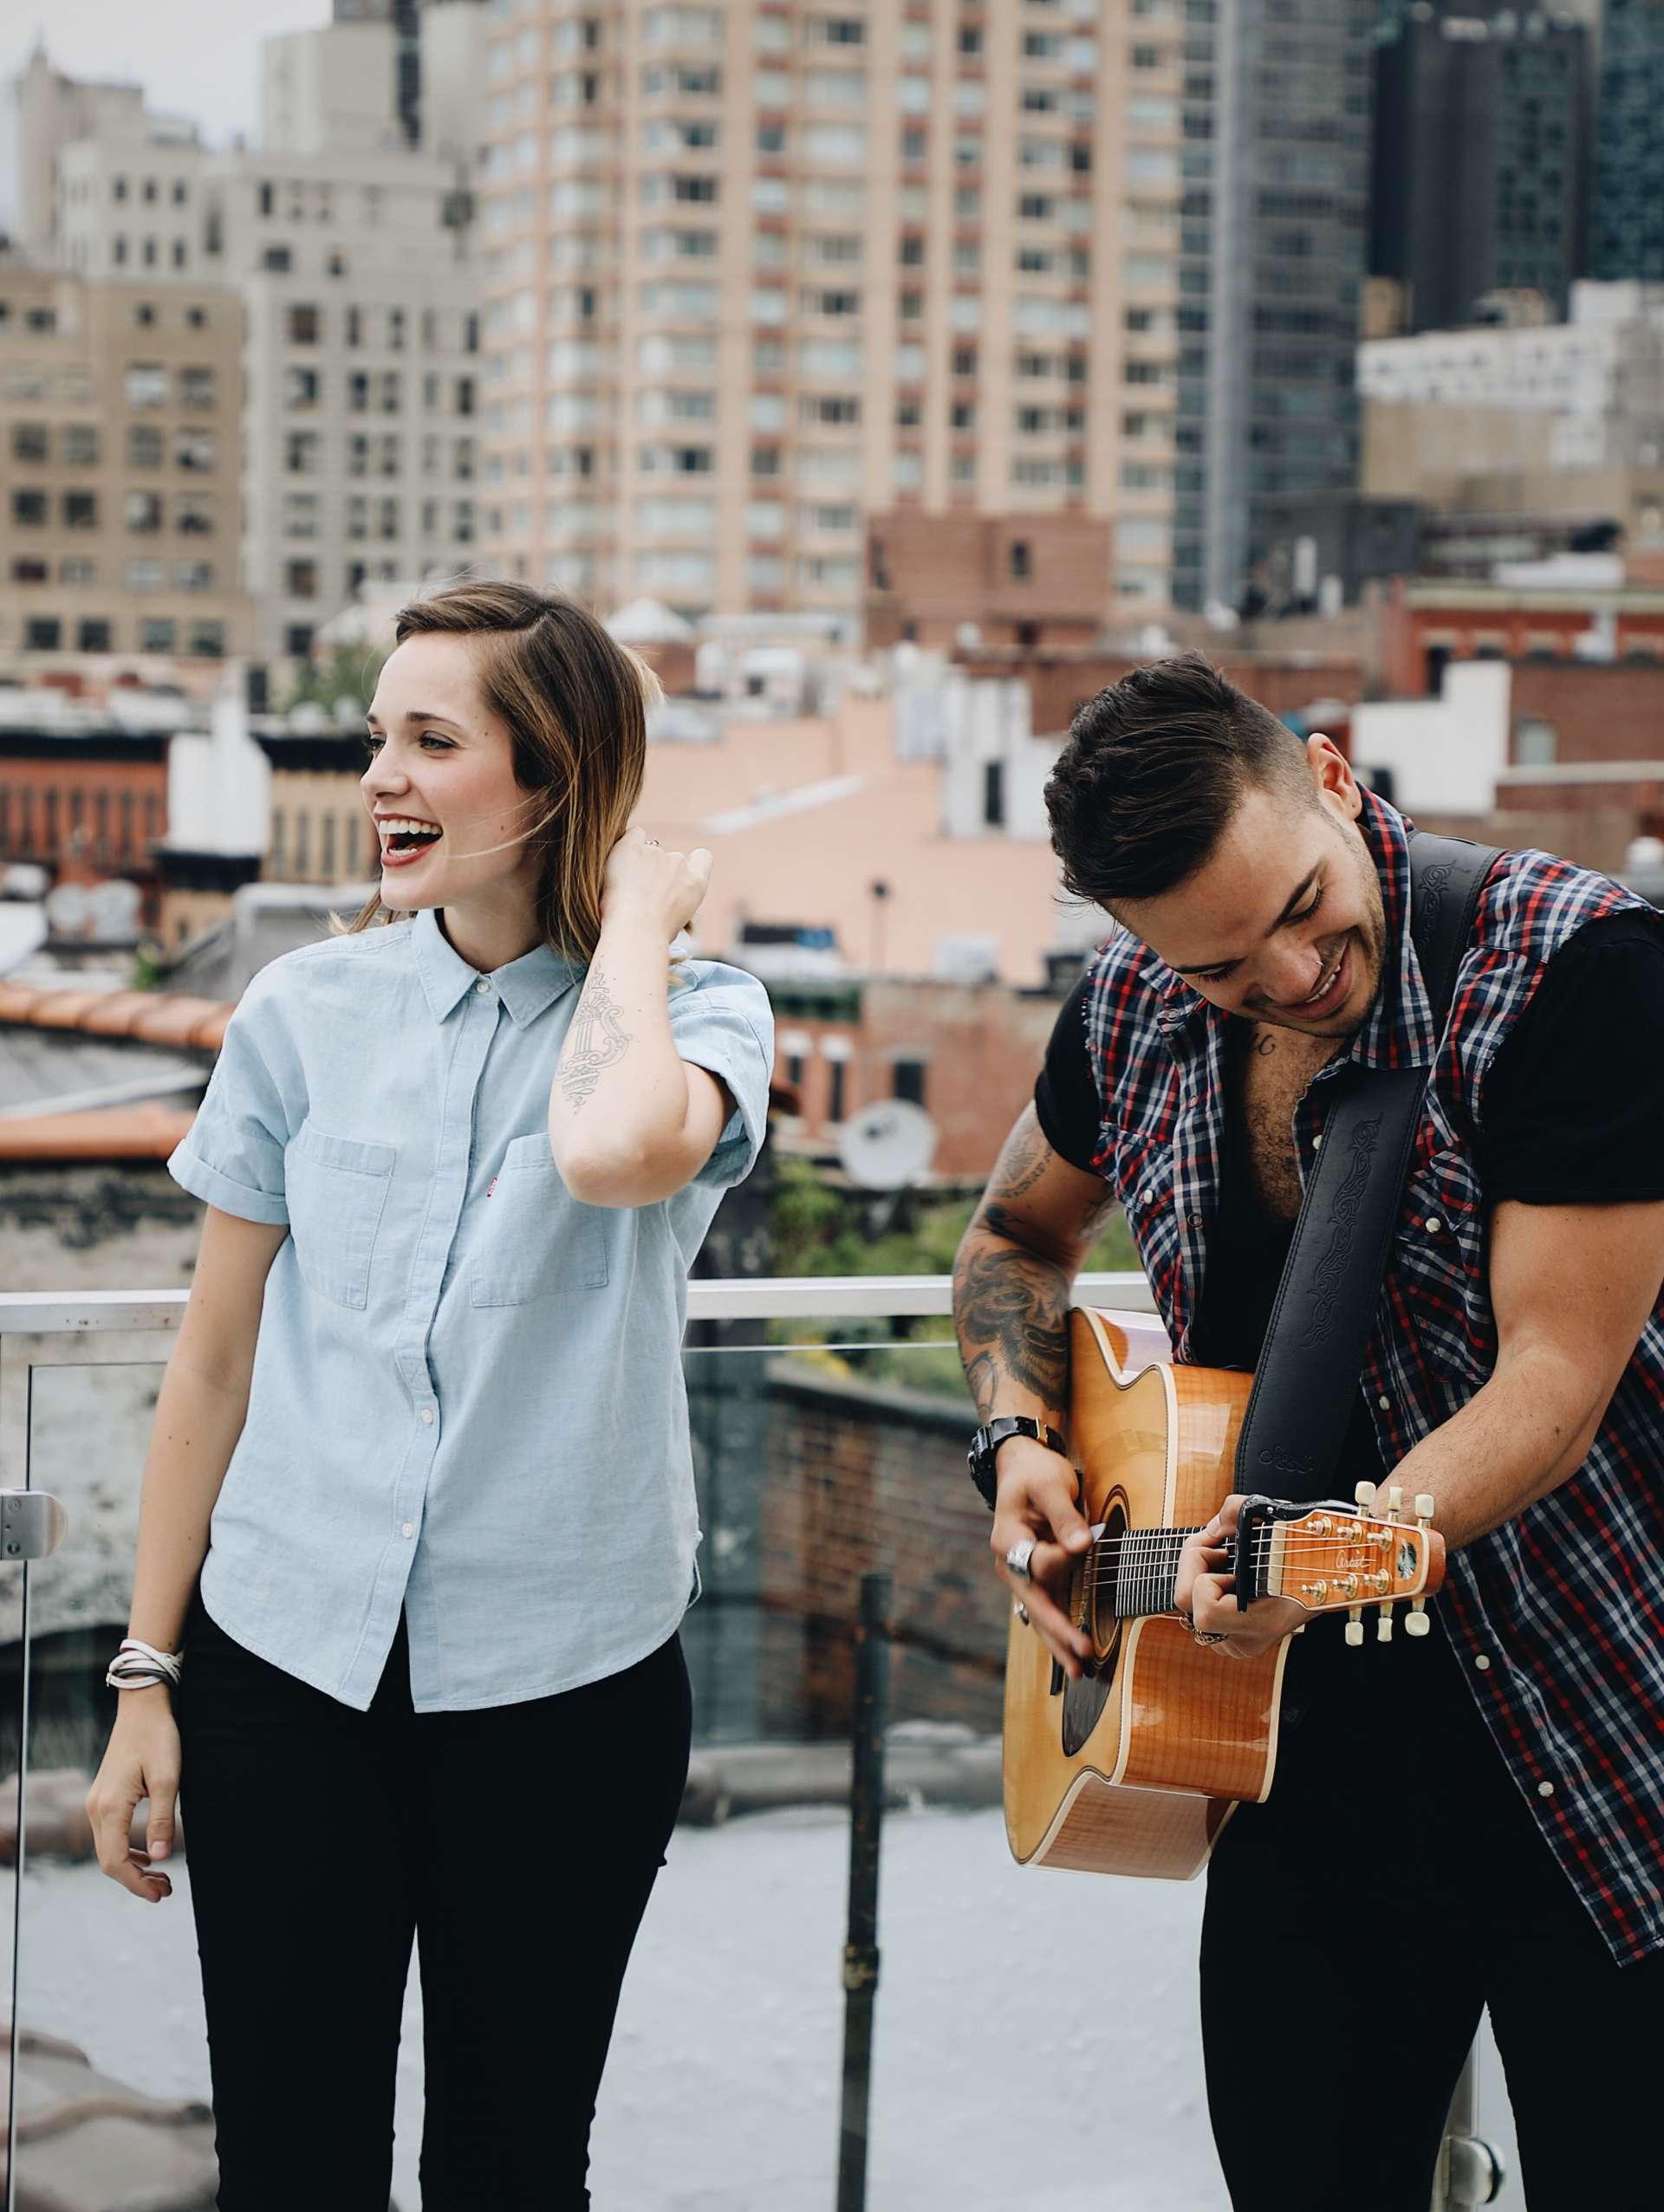 Músicos para spot en Bilbao